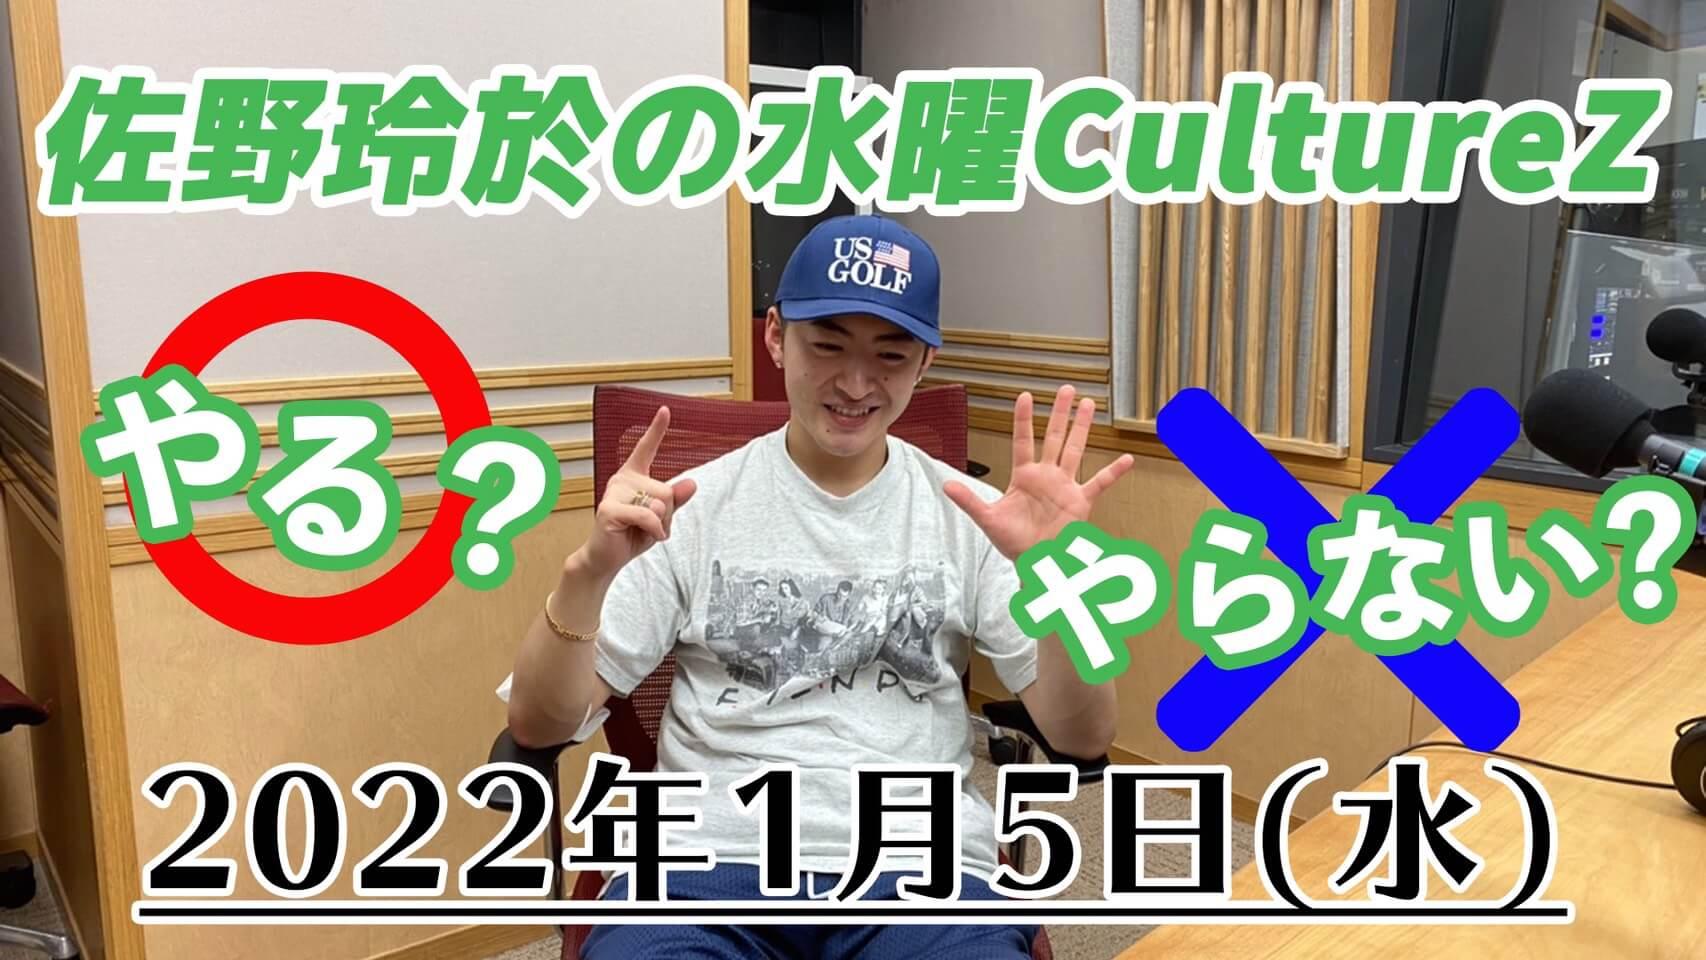 2022年1月5日(水)「佐野玲於の水曜CultureZ」やる? やらない?